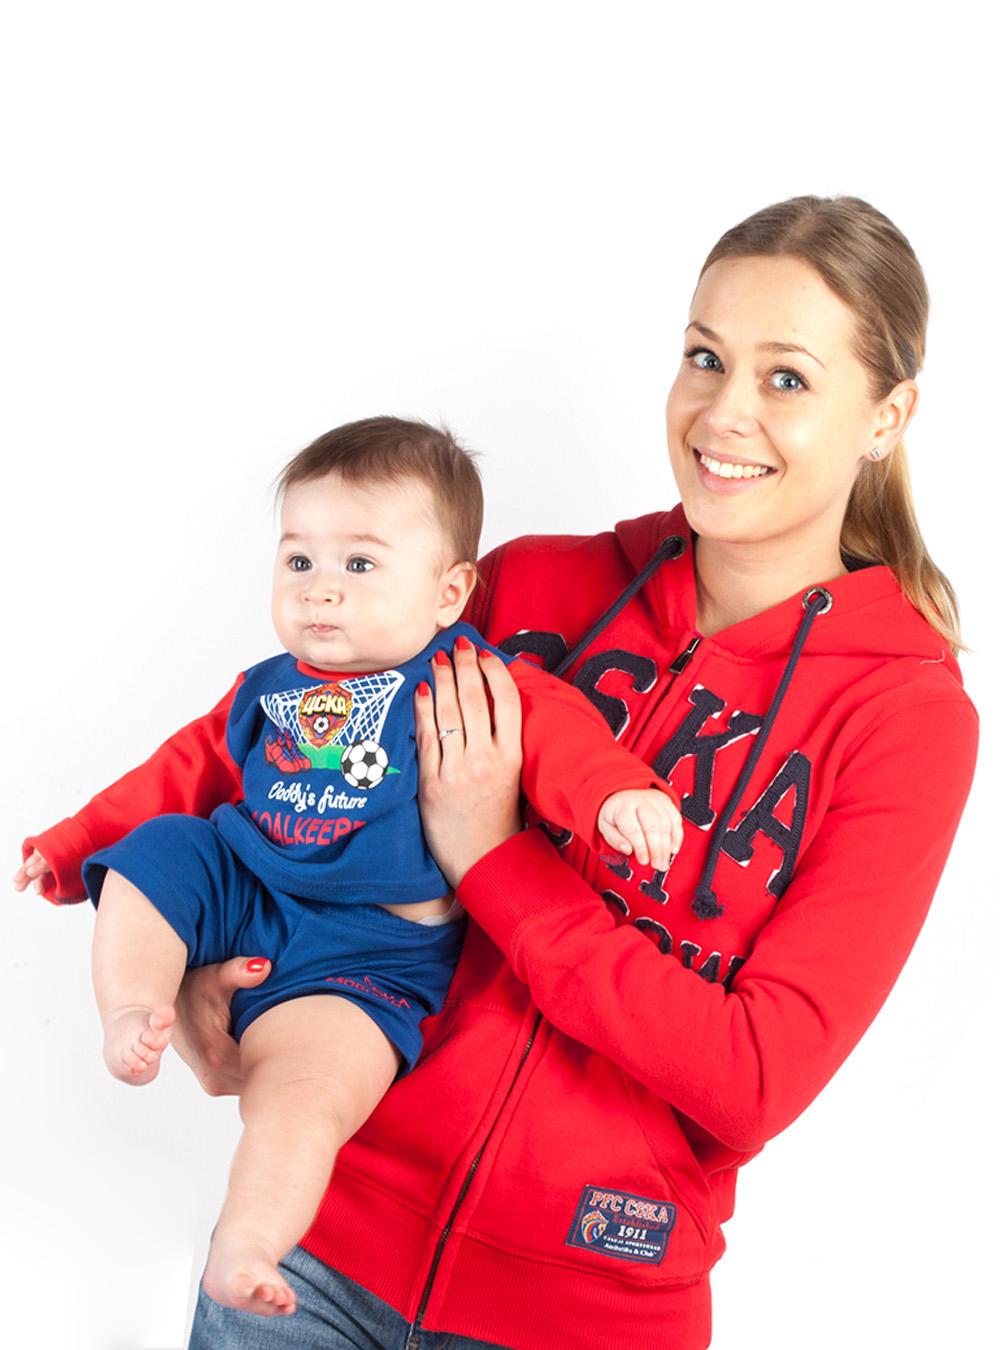 Купить Футболка с длинным рукавом «GOALKEEPER», цвет синий (80 (9-12 мес.)) по Нижнему Новгороду